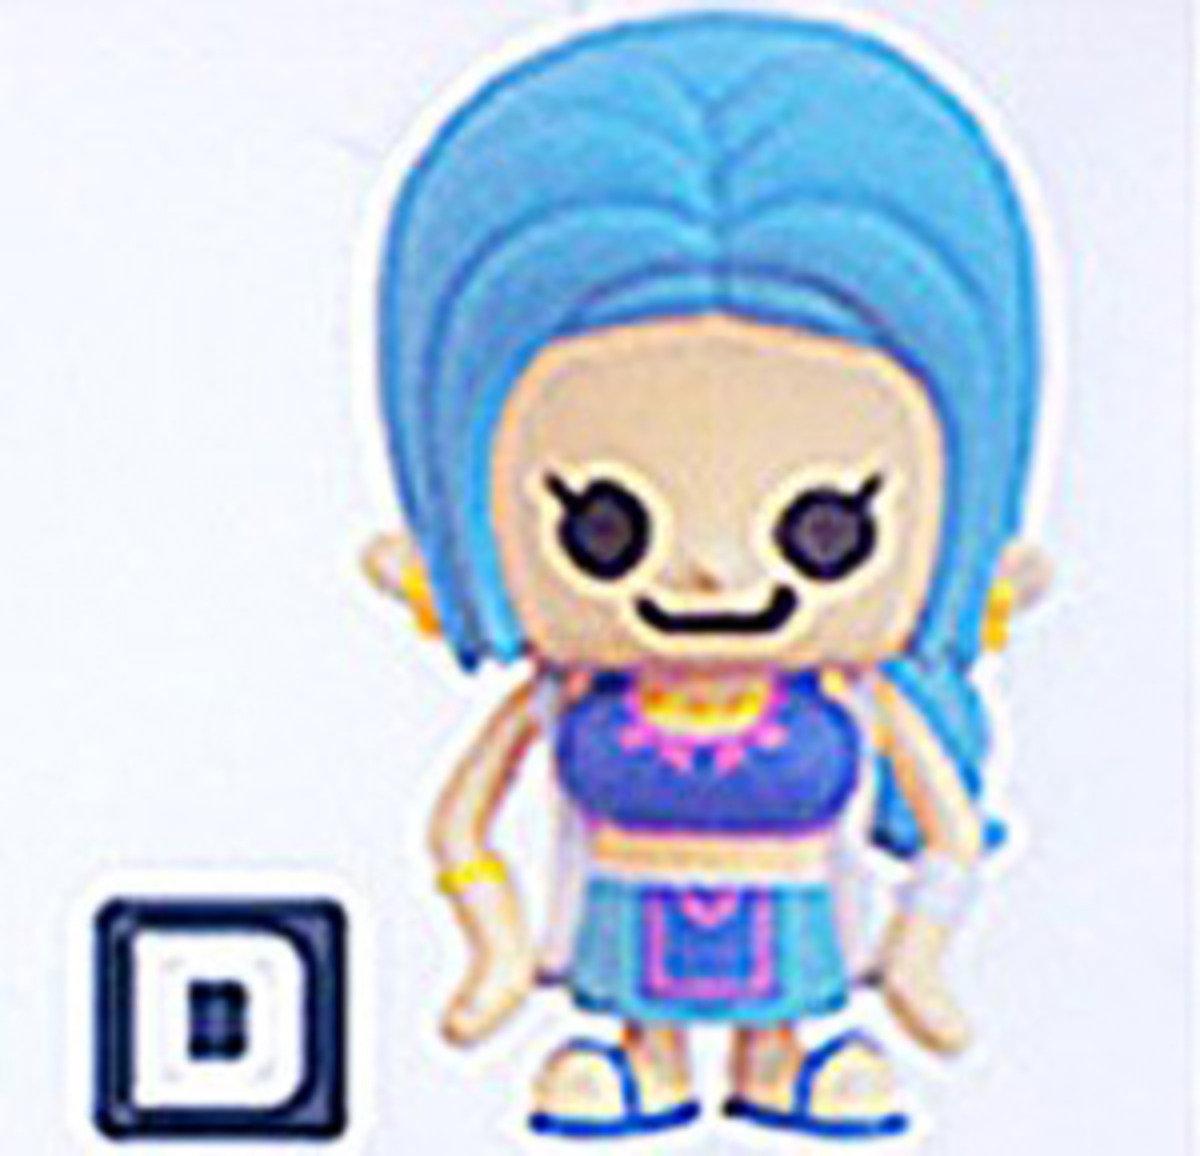 One Piece 海賊王 X  PansonWorks  Figure Collection 4  薇薇公主